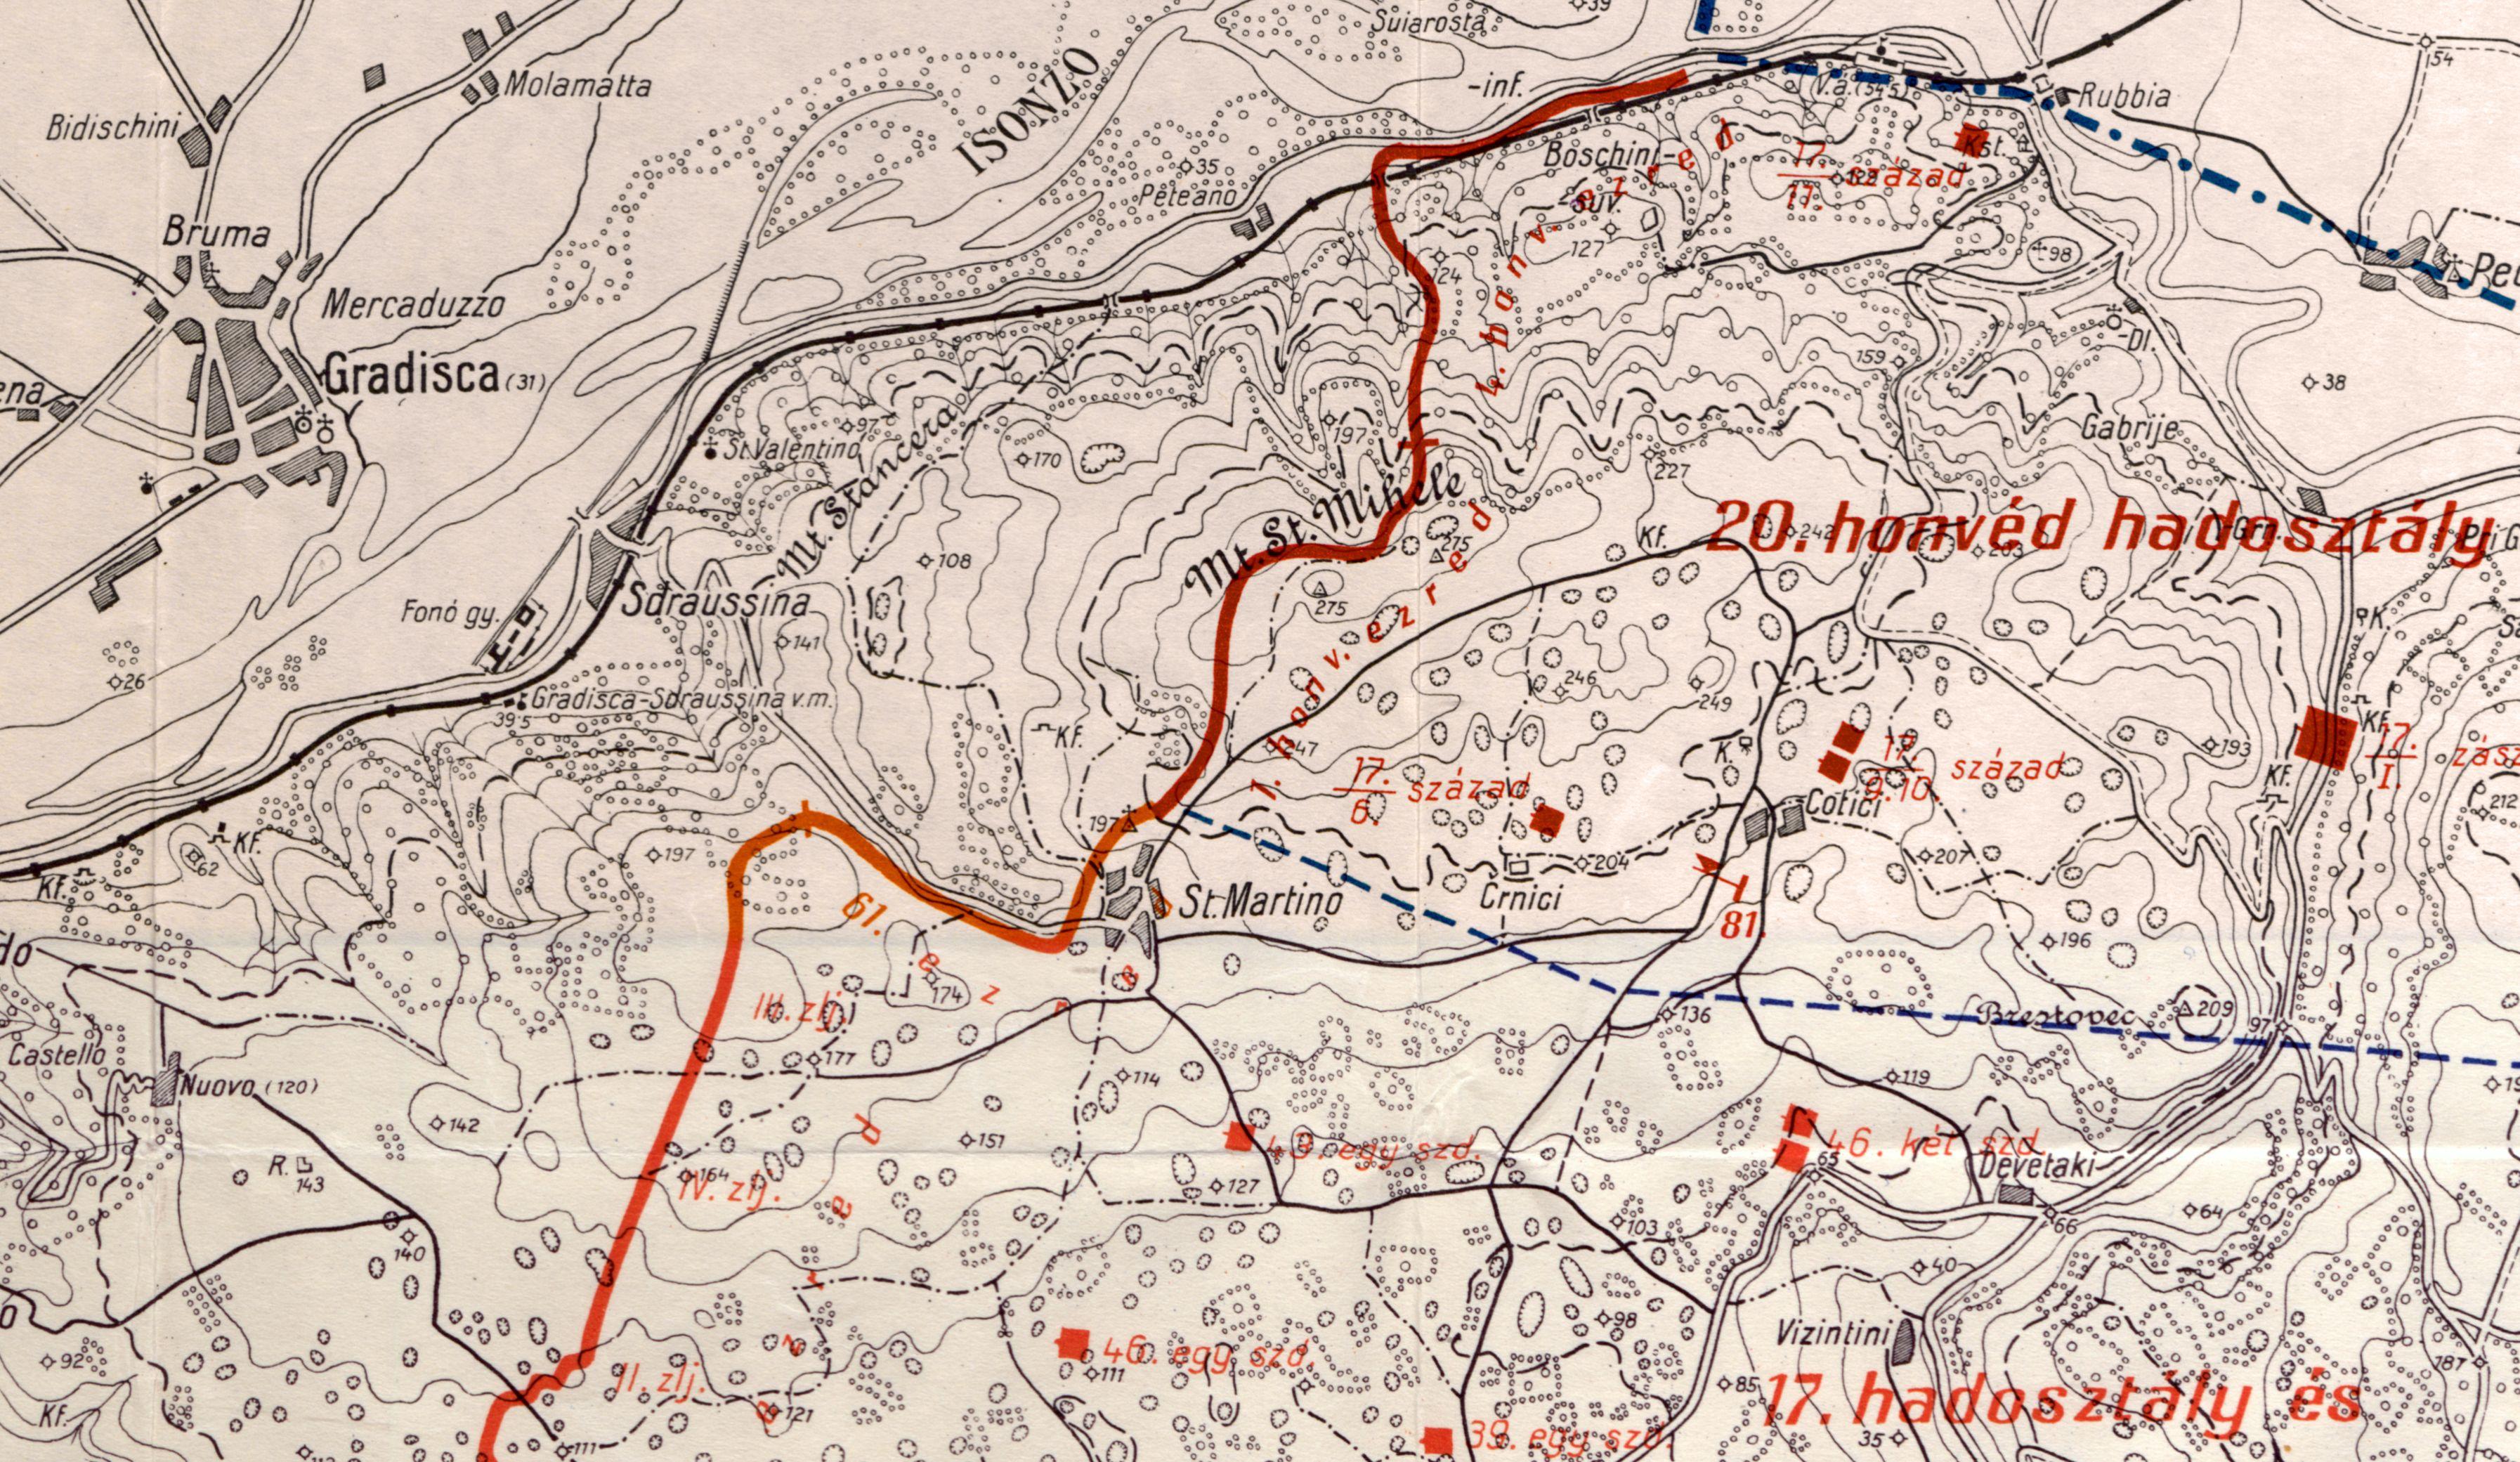 La posizione della VII Corpo d'Armata a difesa di Doberdò il 3 giugno 1916, il particolare della mappa mostra principalmente la parte settentrionale, difesa dalla 20a divisione di fanteria honvéd. Sul Monte San Michele nelle postazioni c'è il 1o reggimento di fanteria honvéd di Budapest, dietro l'altura presso Cotiči è segnato il comando dell'81 <sup>a</sup> brigata di fanteria comprendente il 1° reggimento di fanteria honvéd e il 17° di Székesfehérvár, oltre a due compagnie in riserva del 17